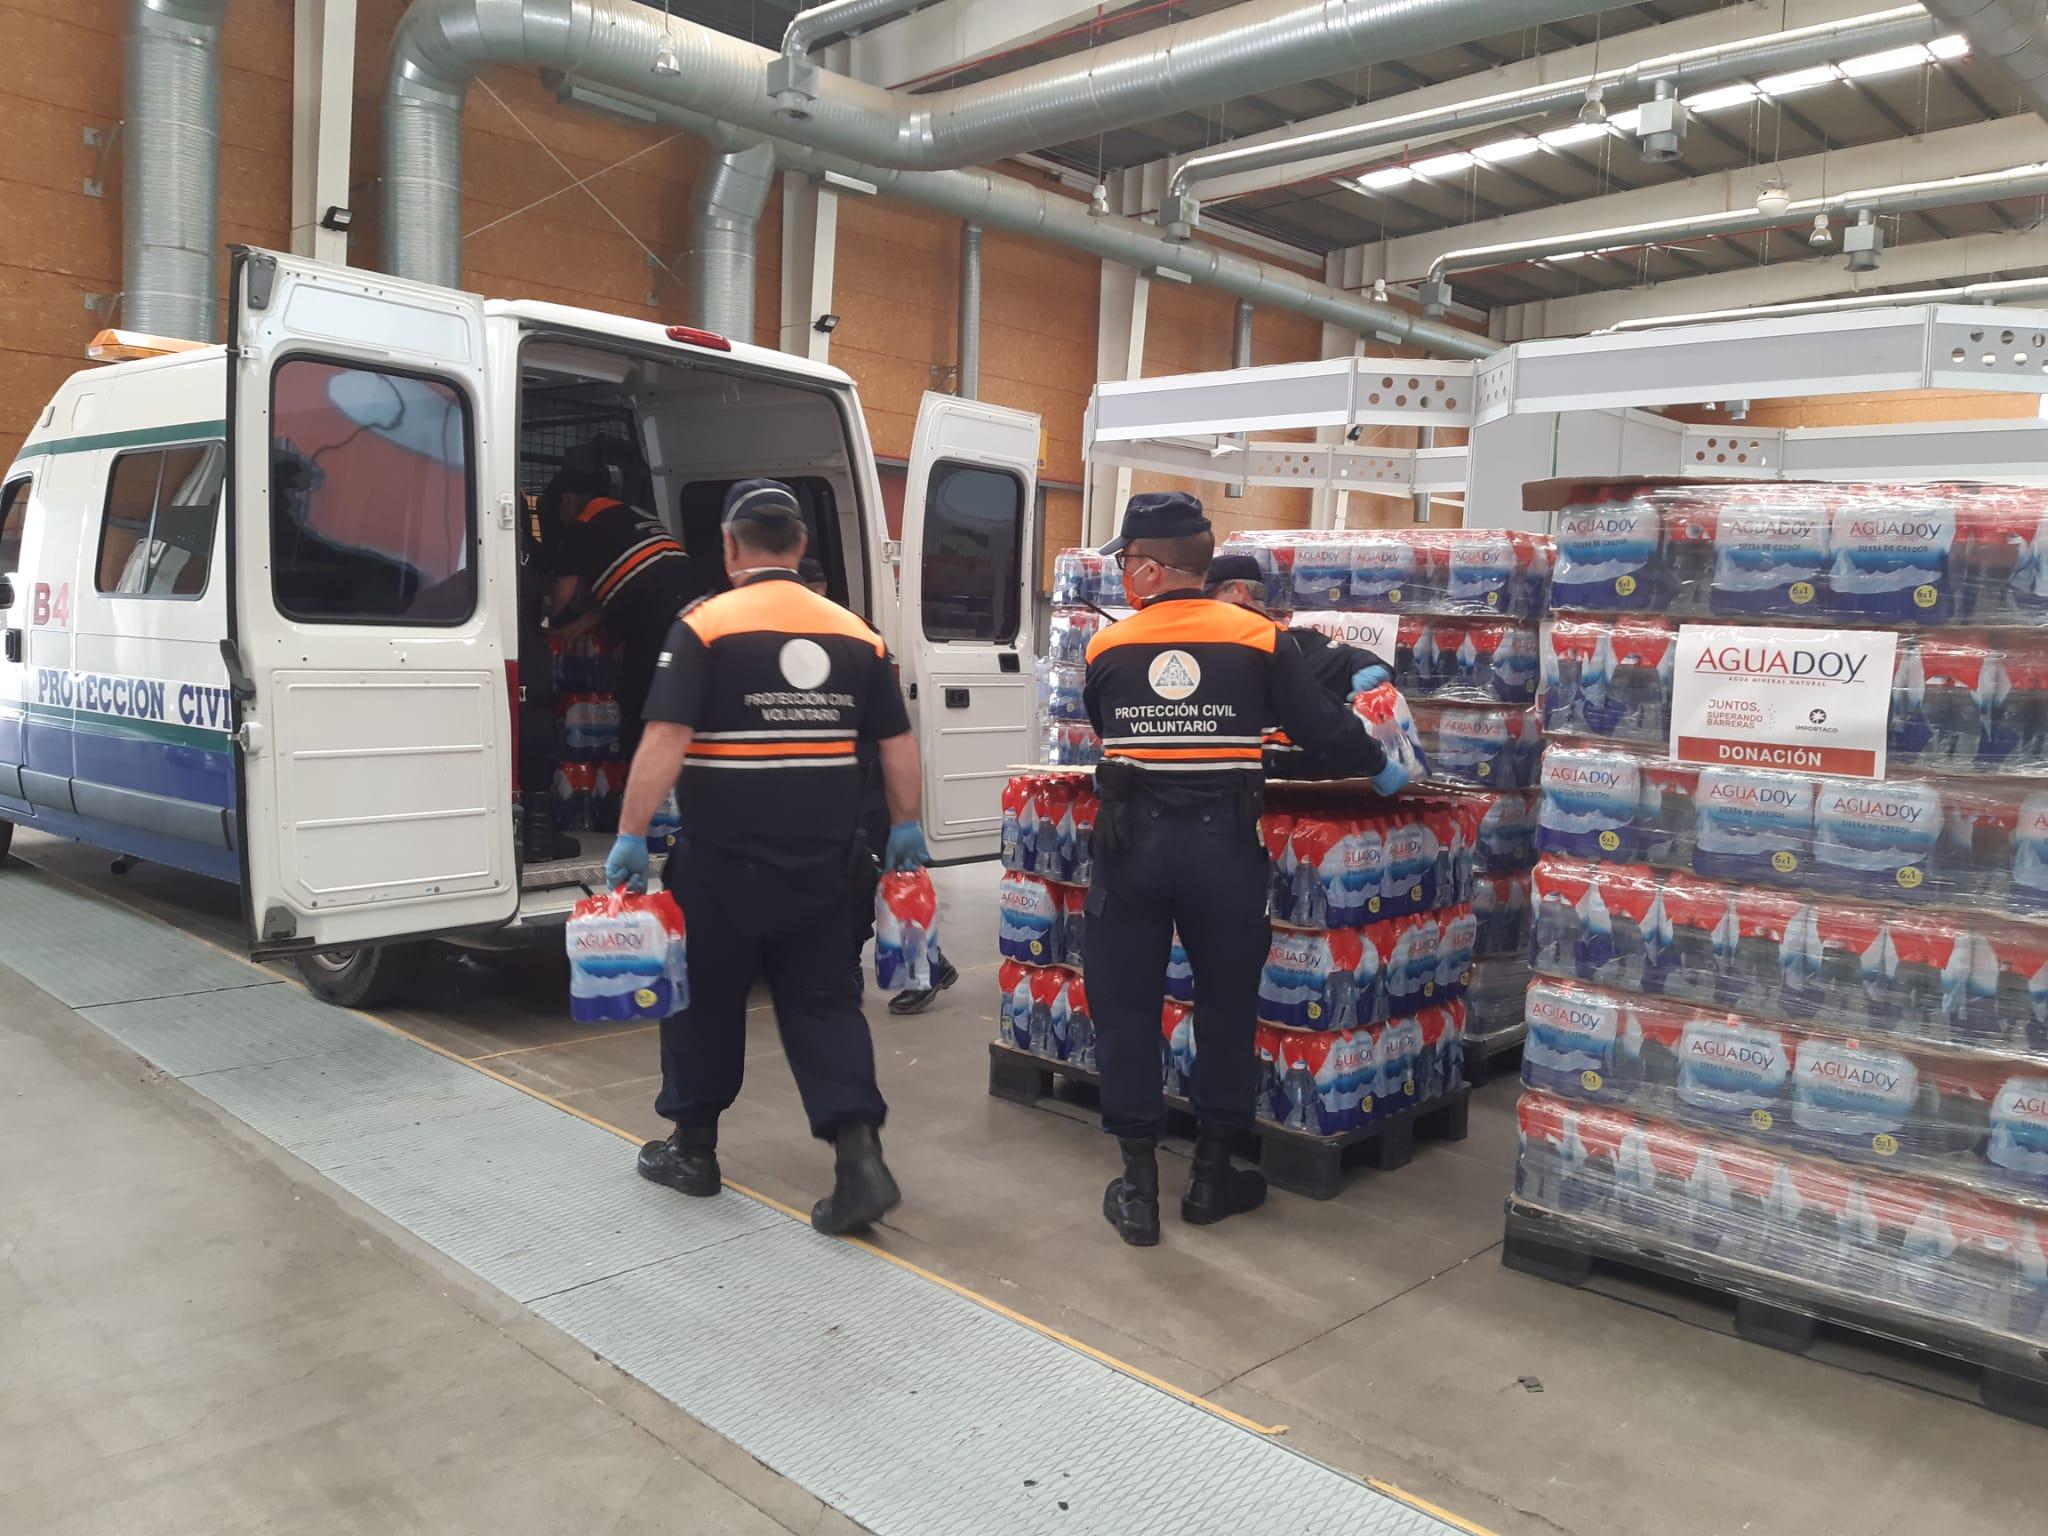 La alcaldesa de Gamonal y Aguadoy contribuyen con el recurso de alimentos de Talavera donando más de 300 kilos de productos no perecederos y 14.000 litros de agua